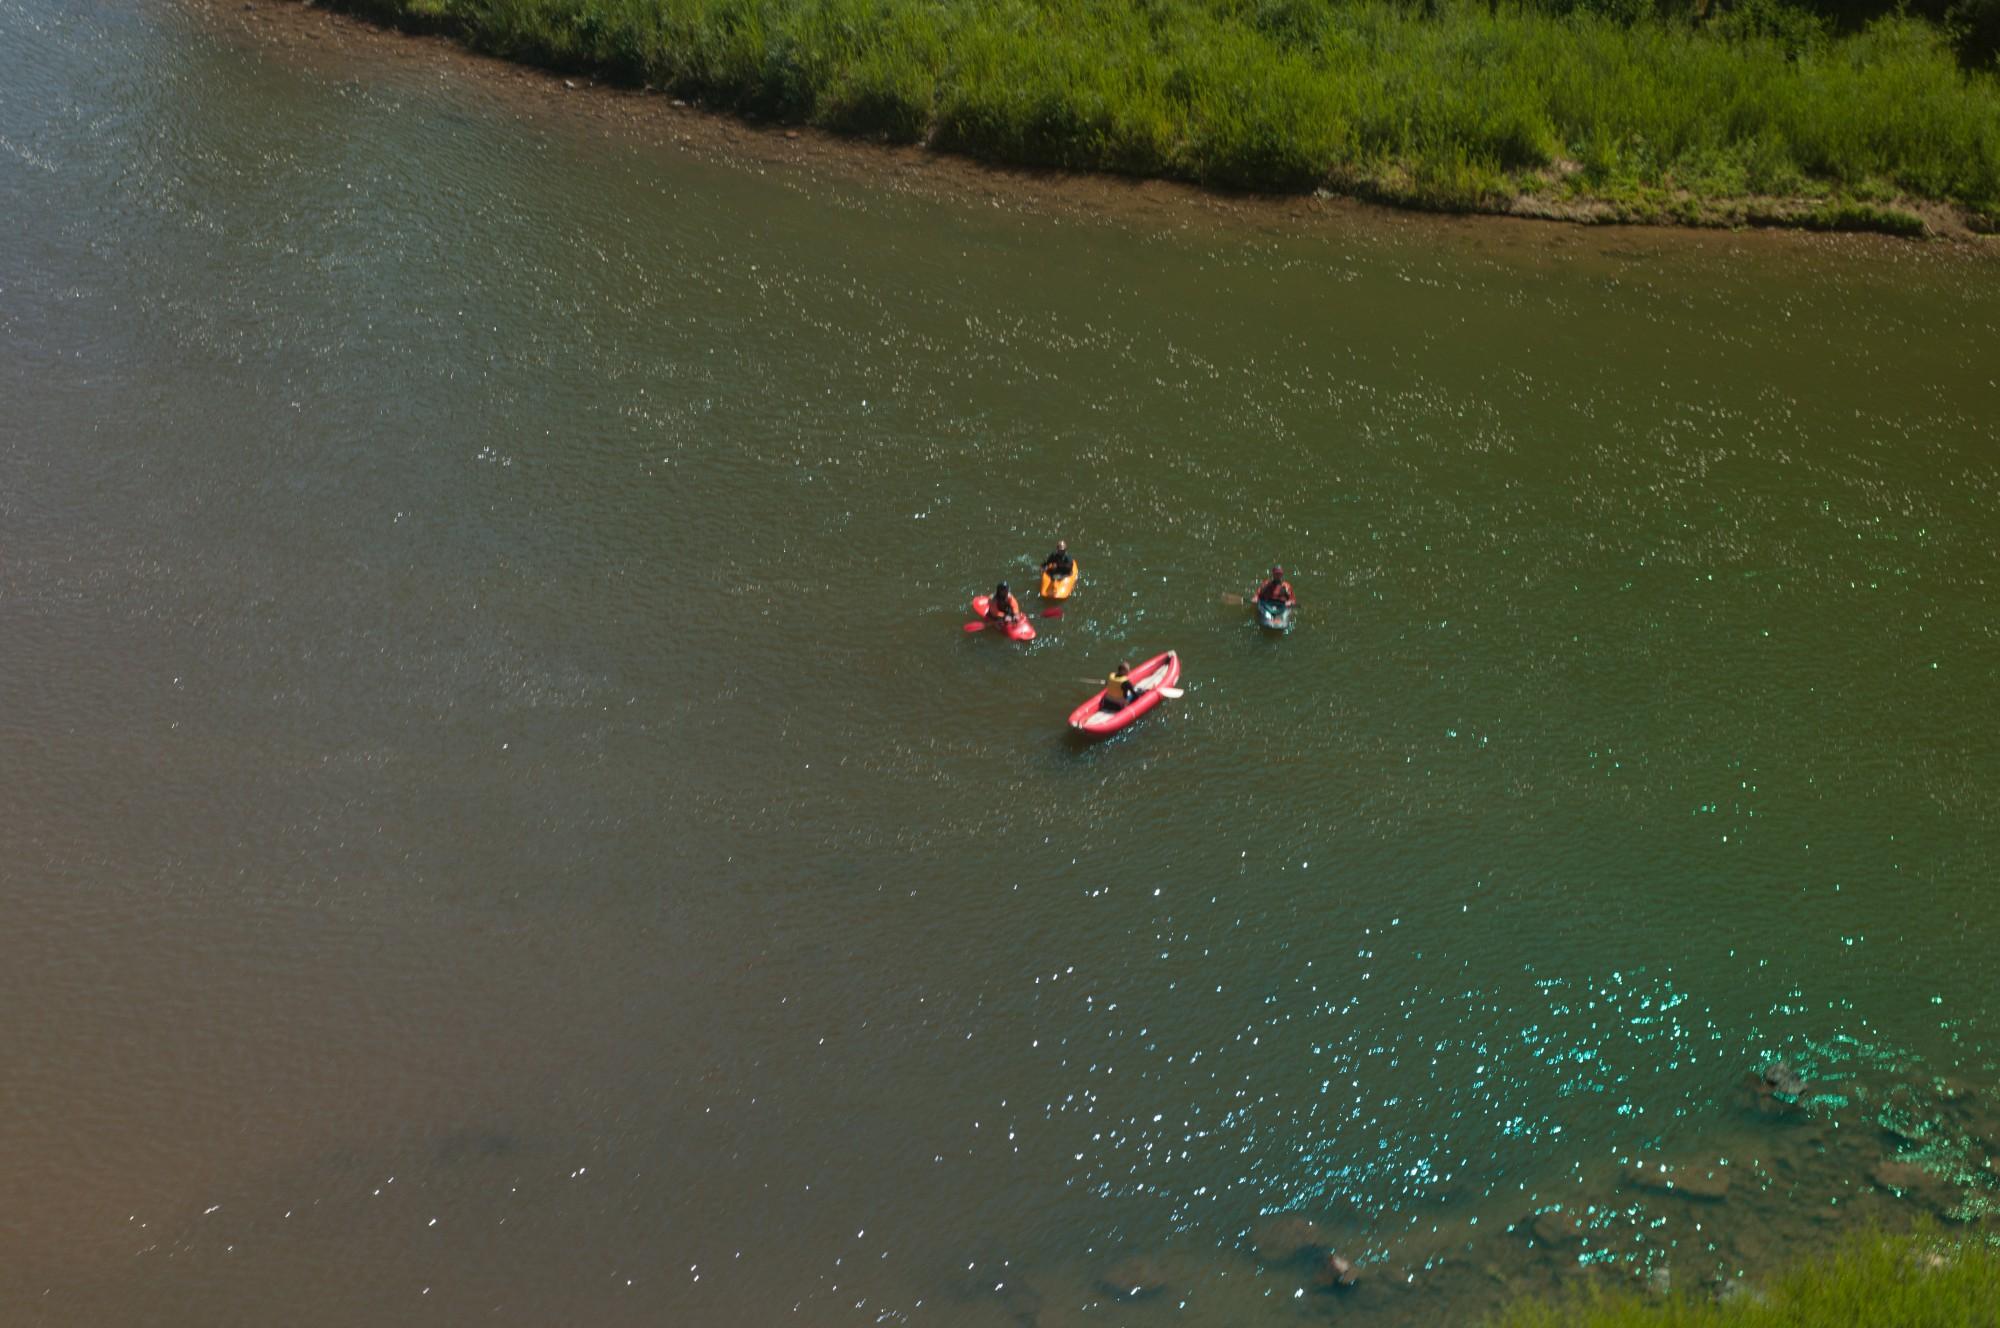 Un train par jour, c'est l'événement pour les kayakistes ! J'ai vu des saluts enthousiastes, mais aussi des paires de fesses.